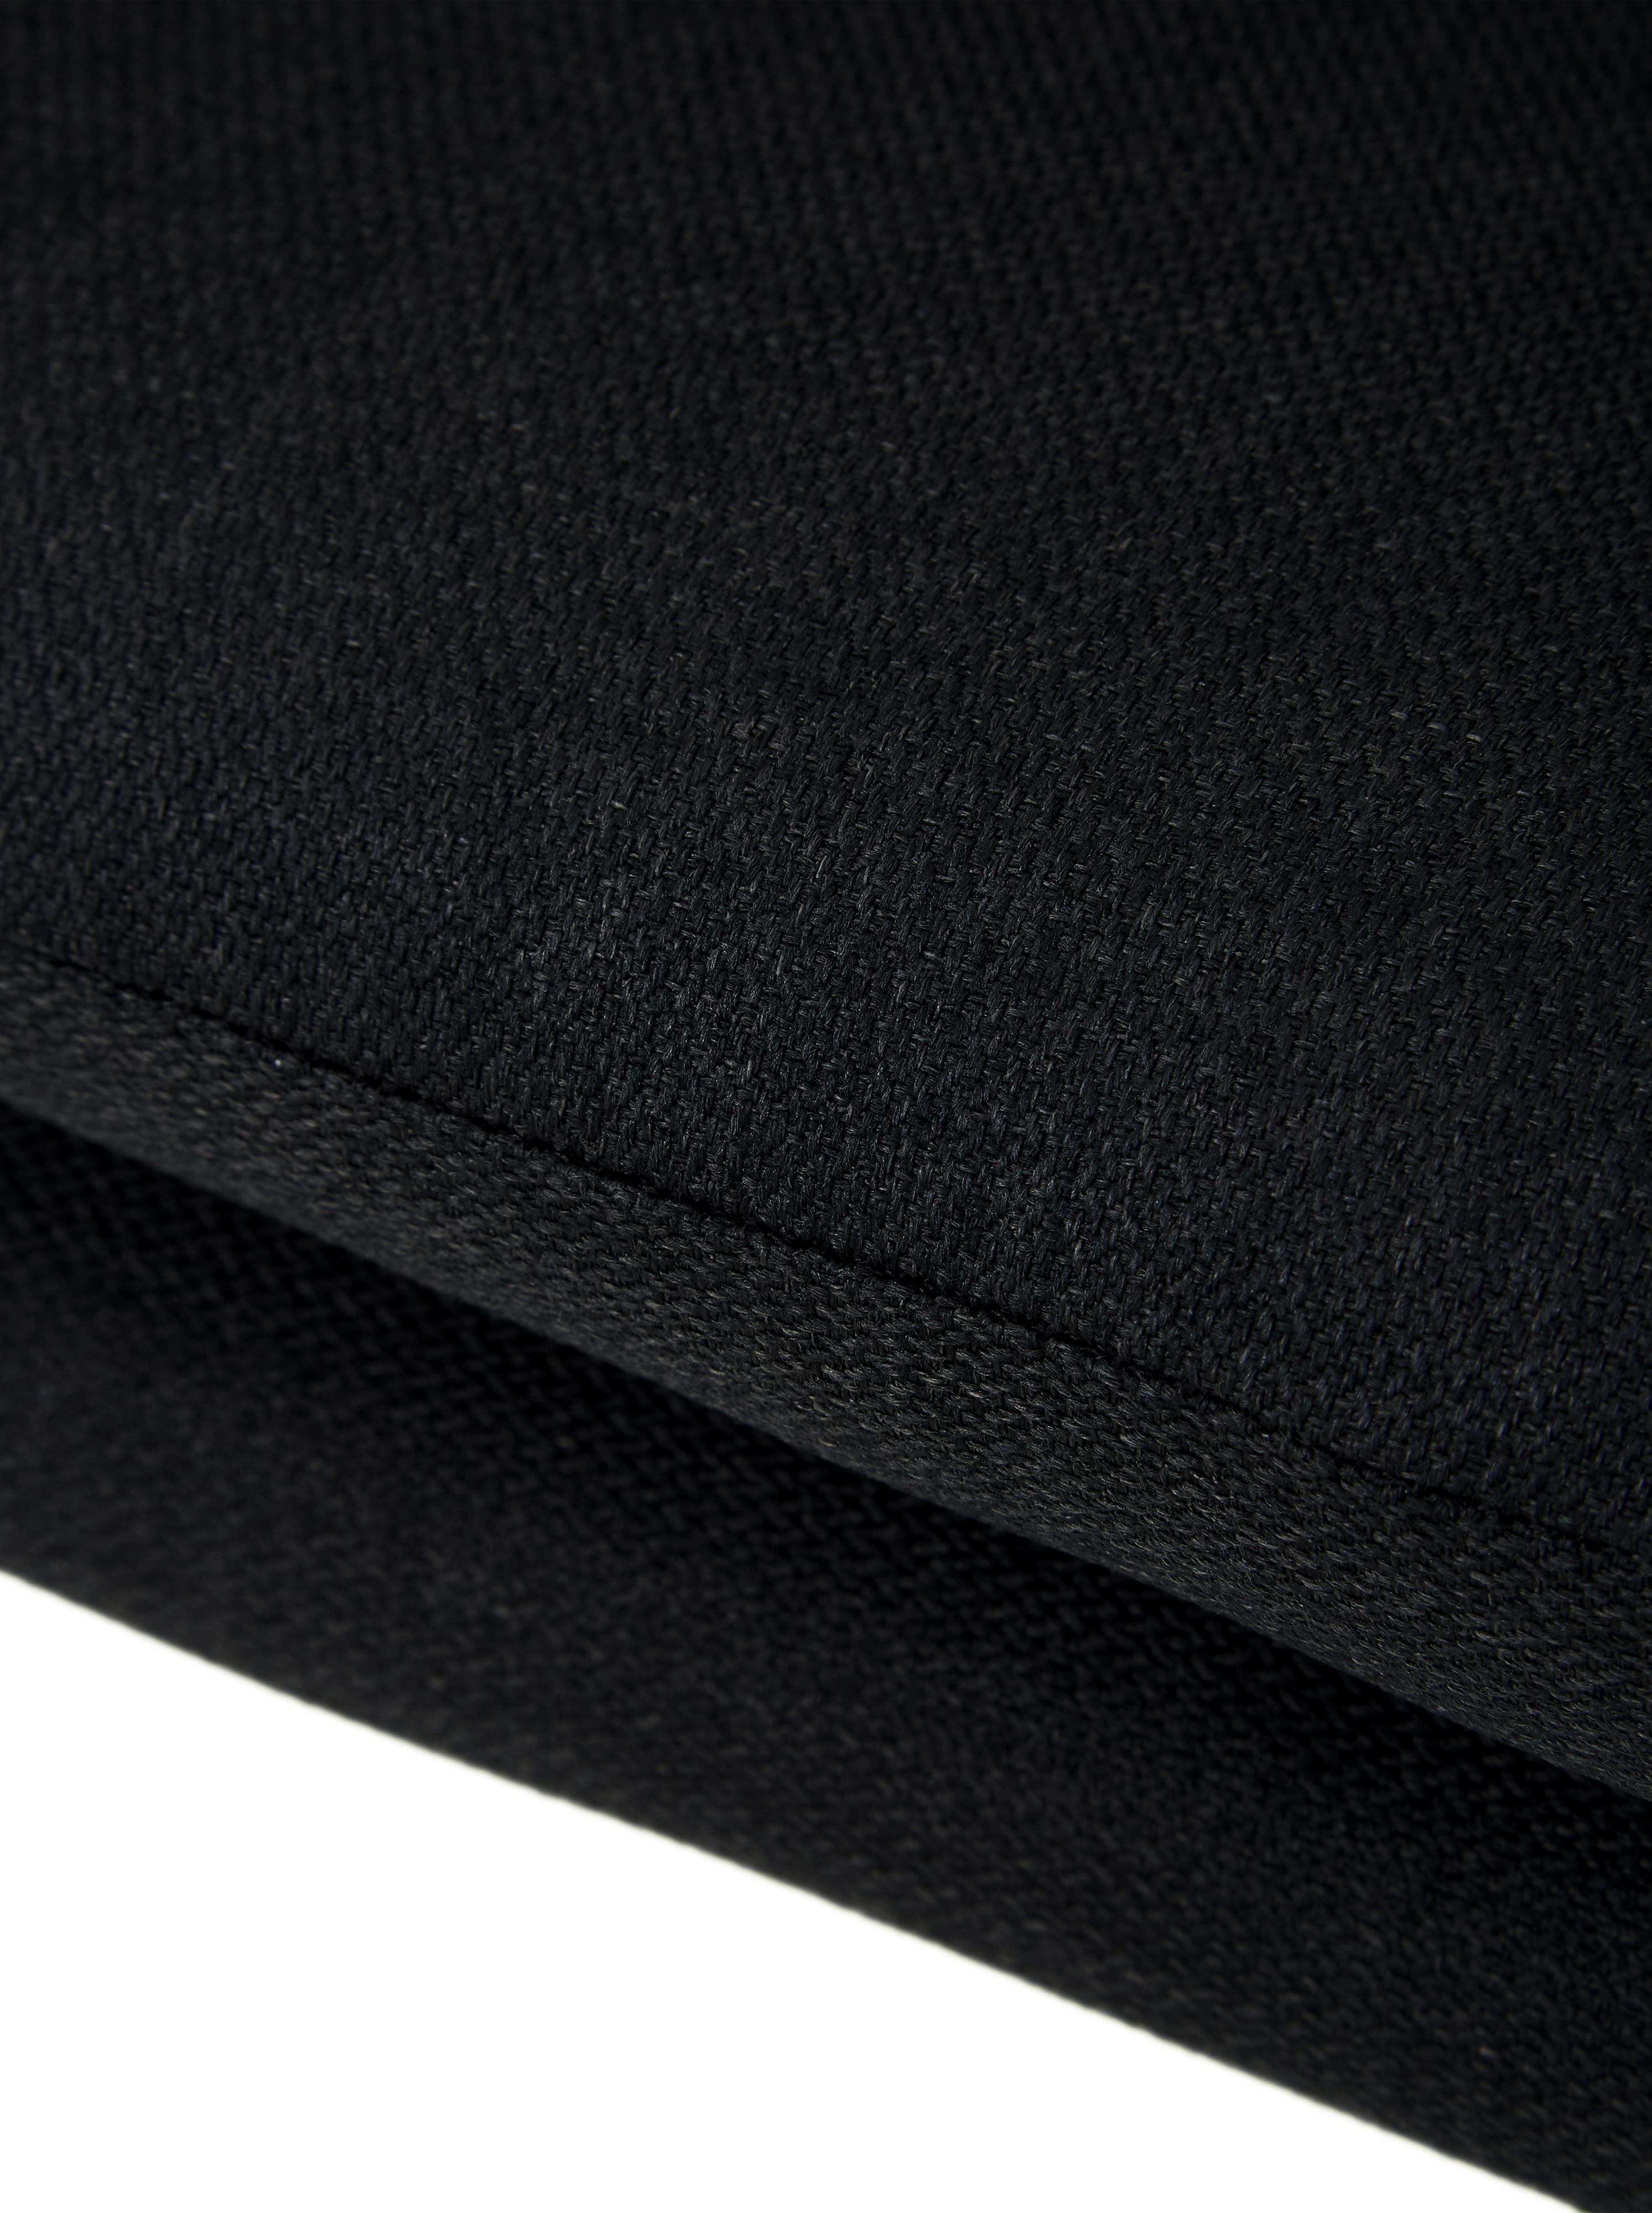 Polsterstuhl Emilia mit Armlehne, Bezug: Polyester, Beine: Eichenholz, ölbehandelt, Webstoff Anthrazit, Beine Eiche, B 57 x T 59 cm